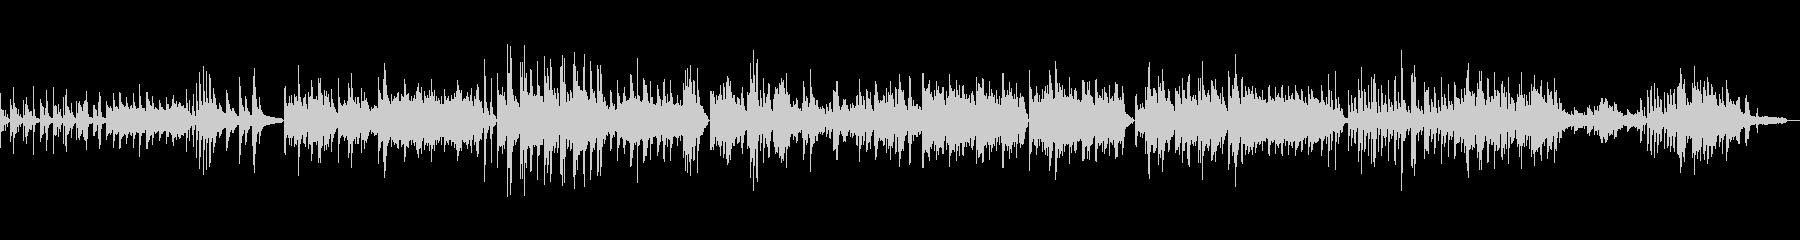 リラックス 和テイストピアノバラードの未再生の波形